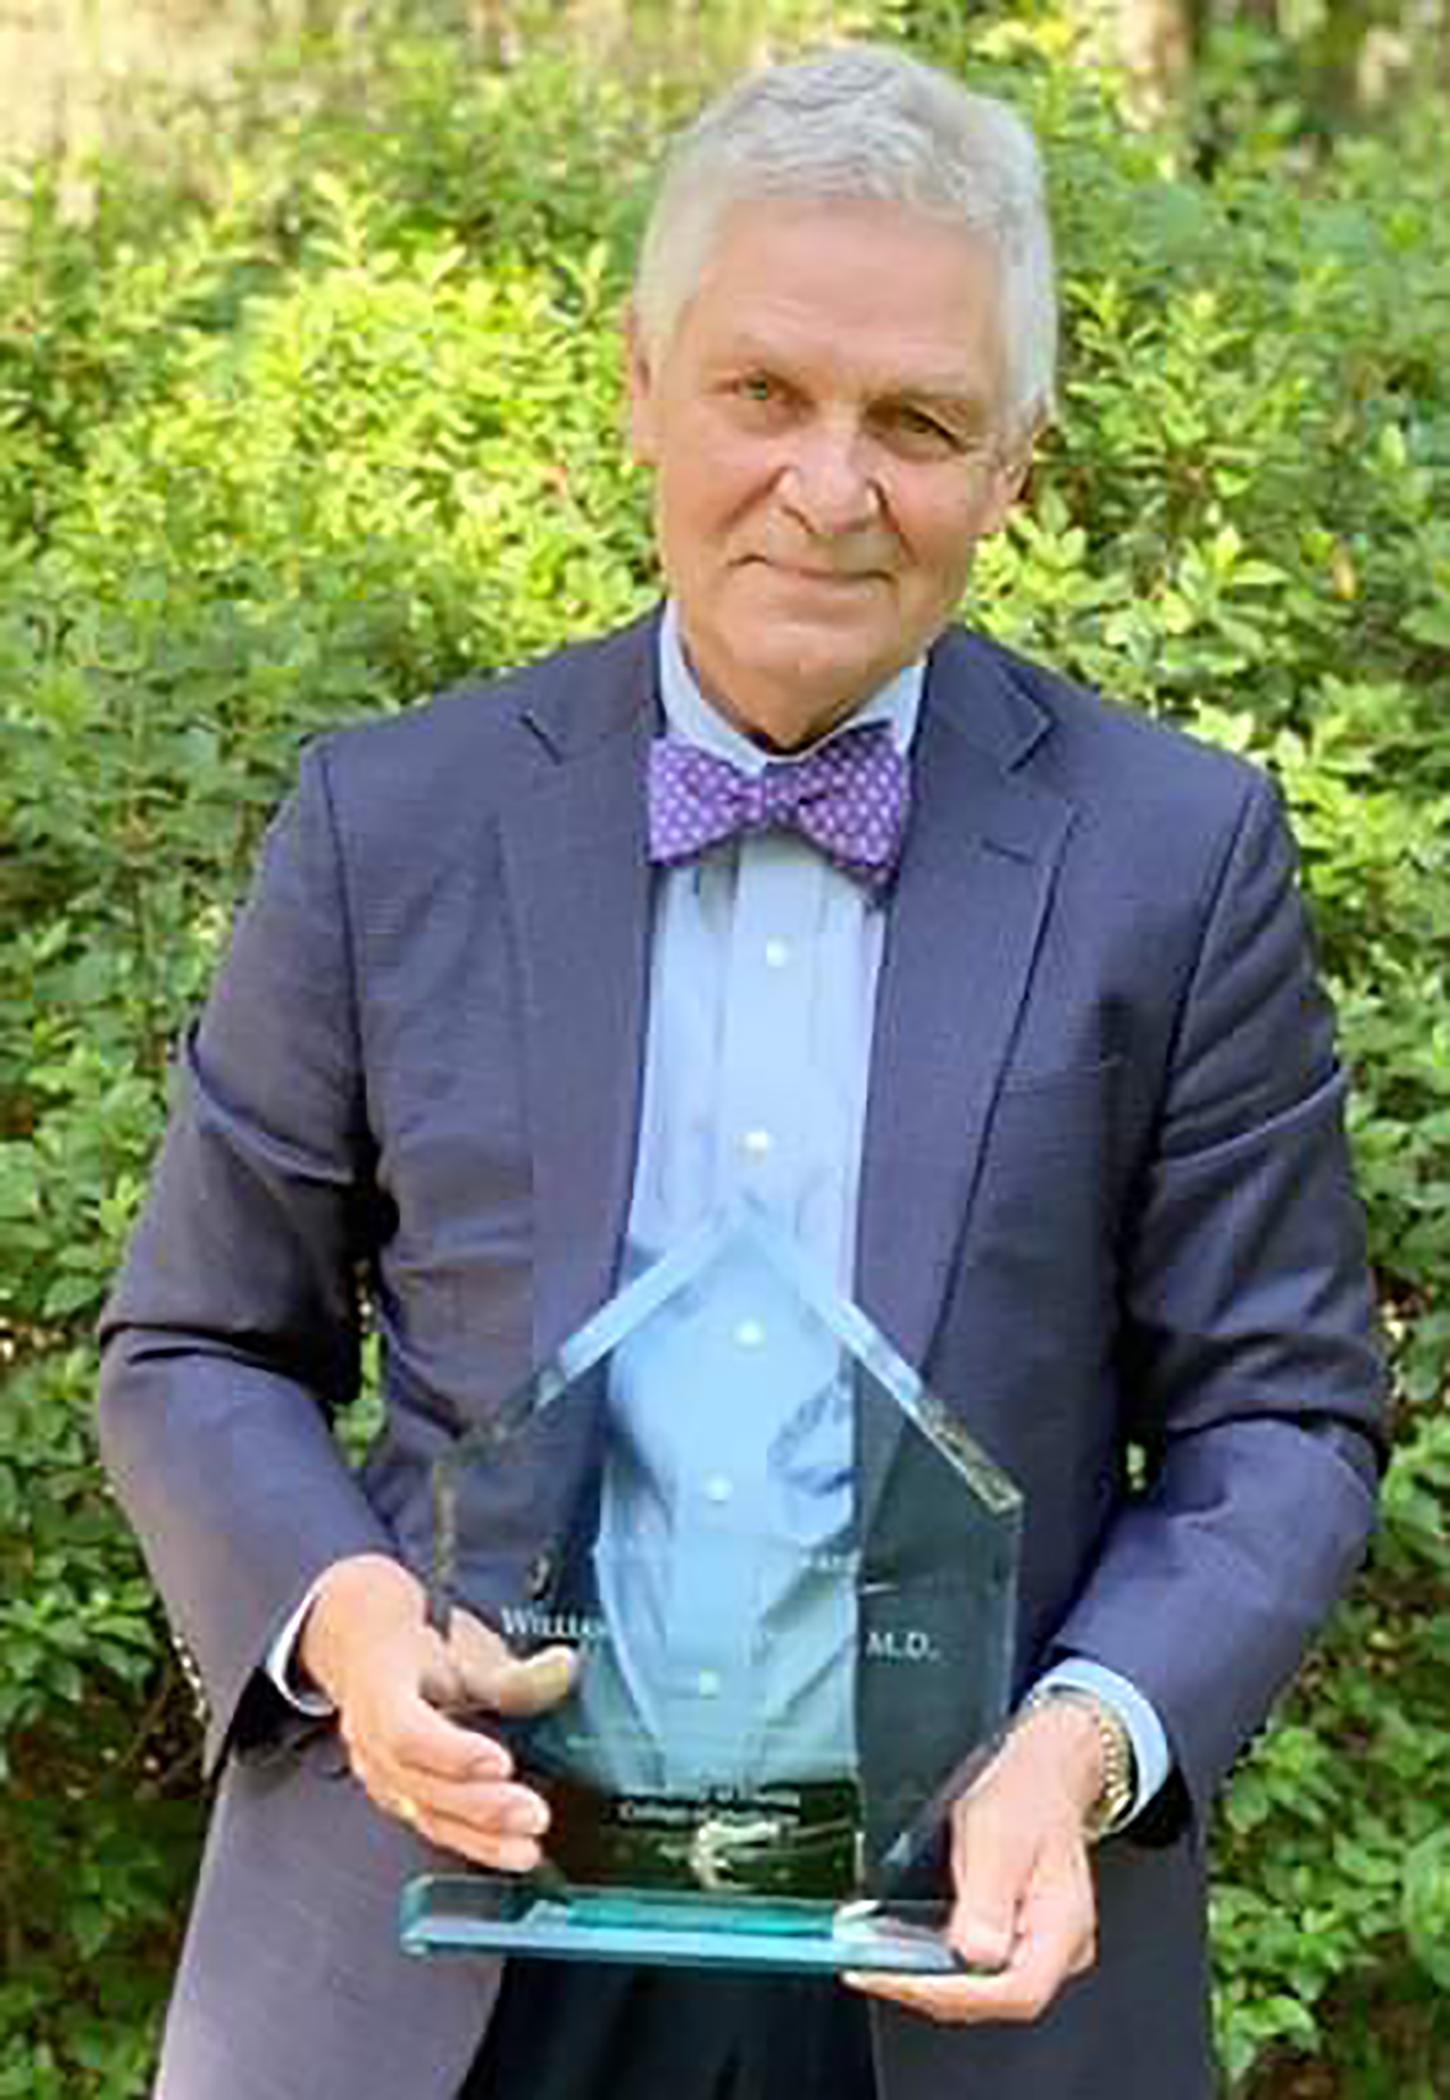 Dr. Bill Mendenhall